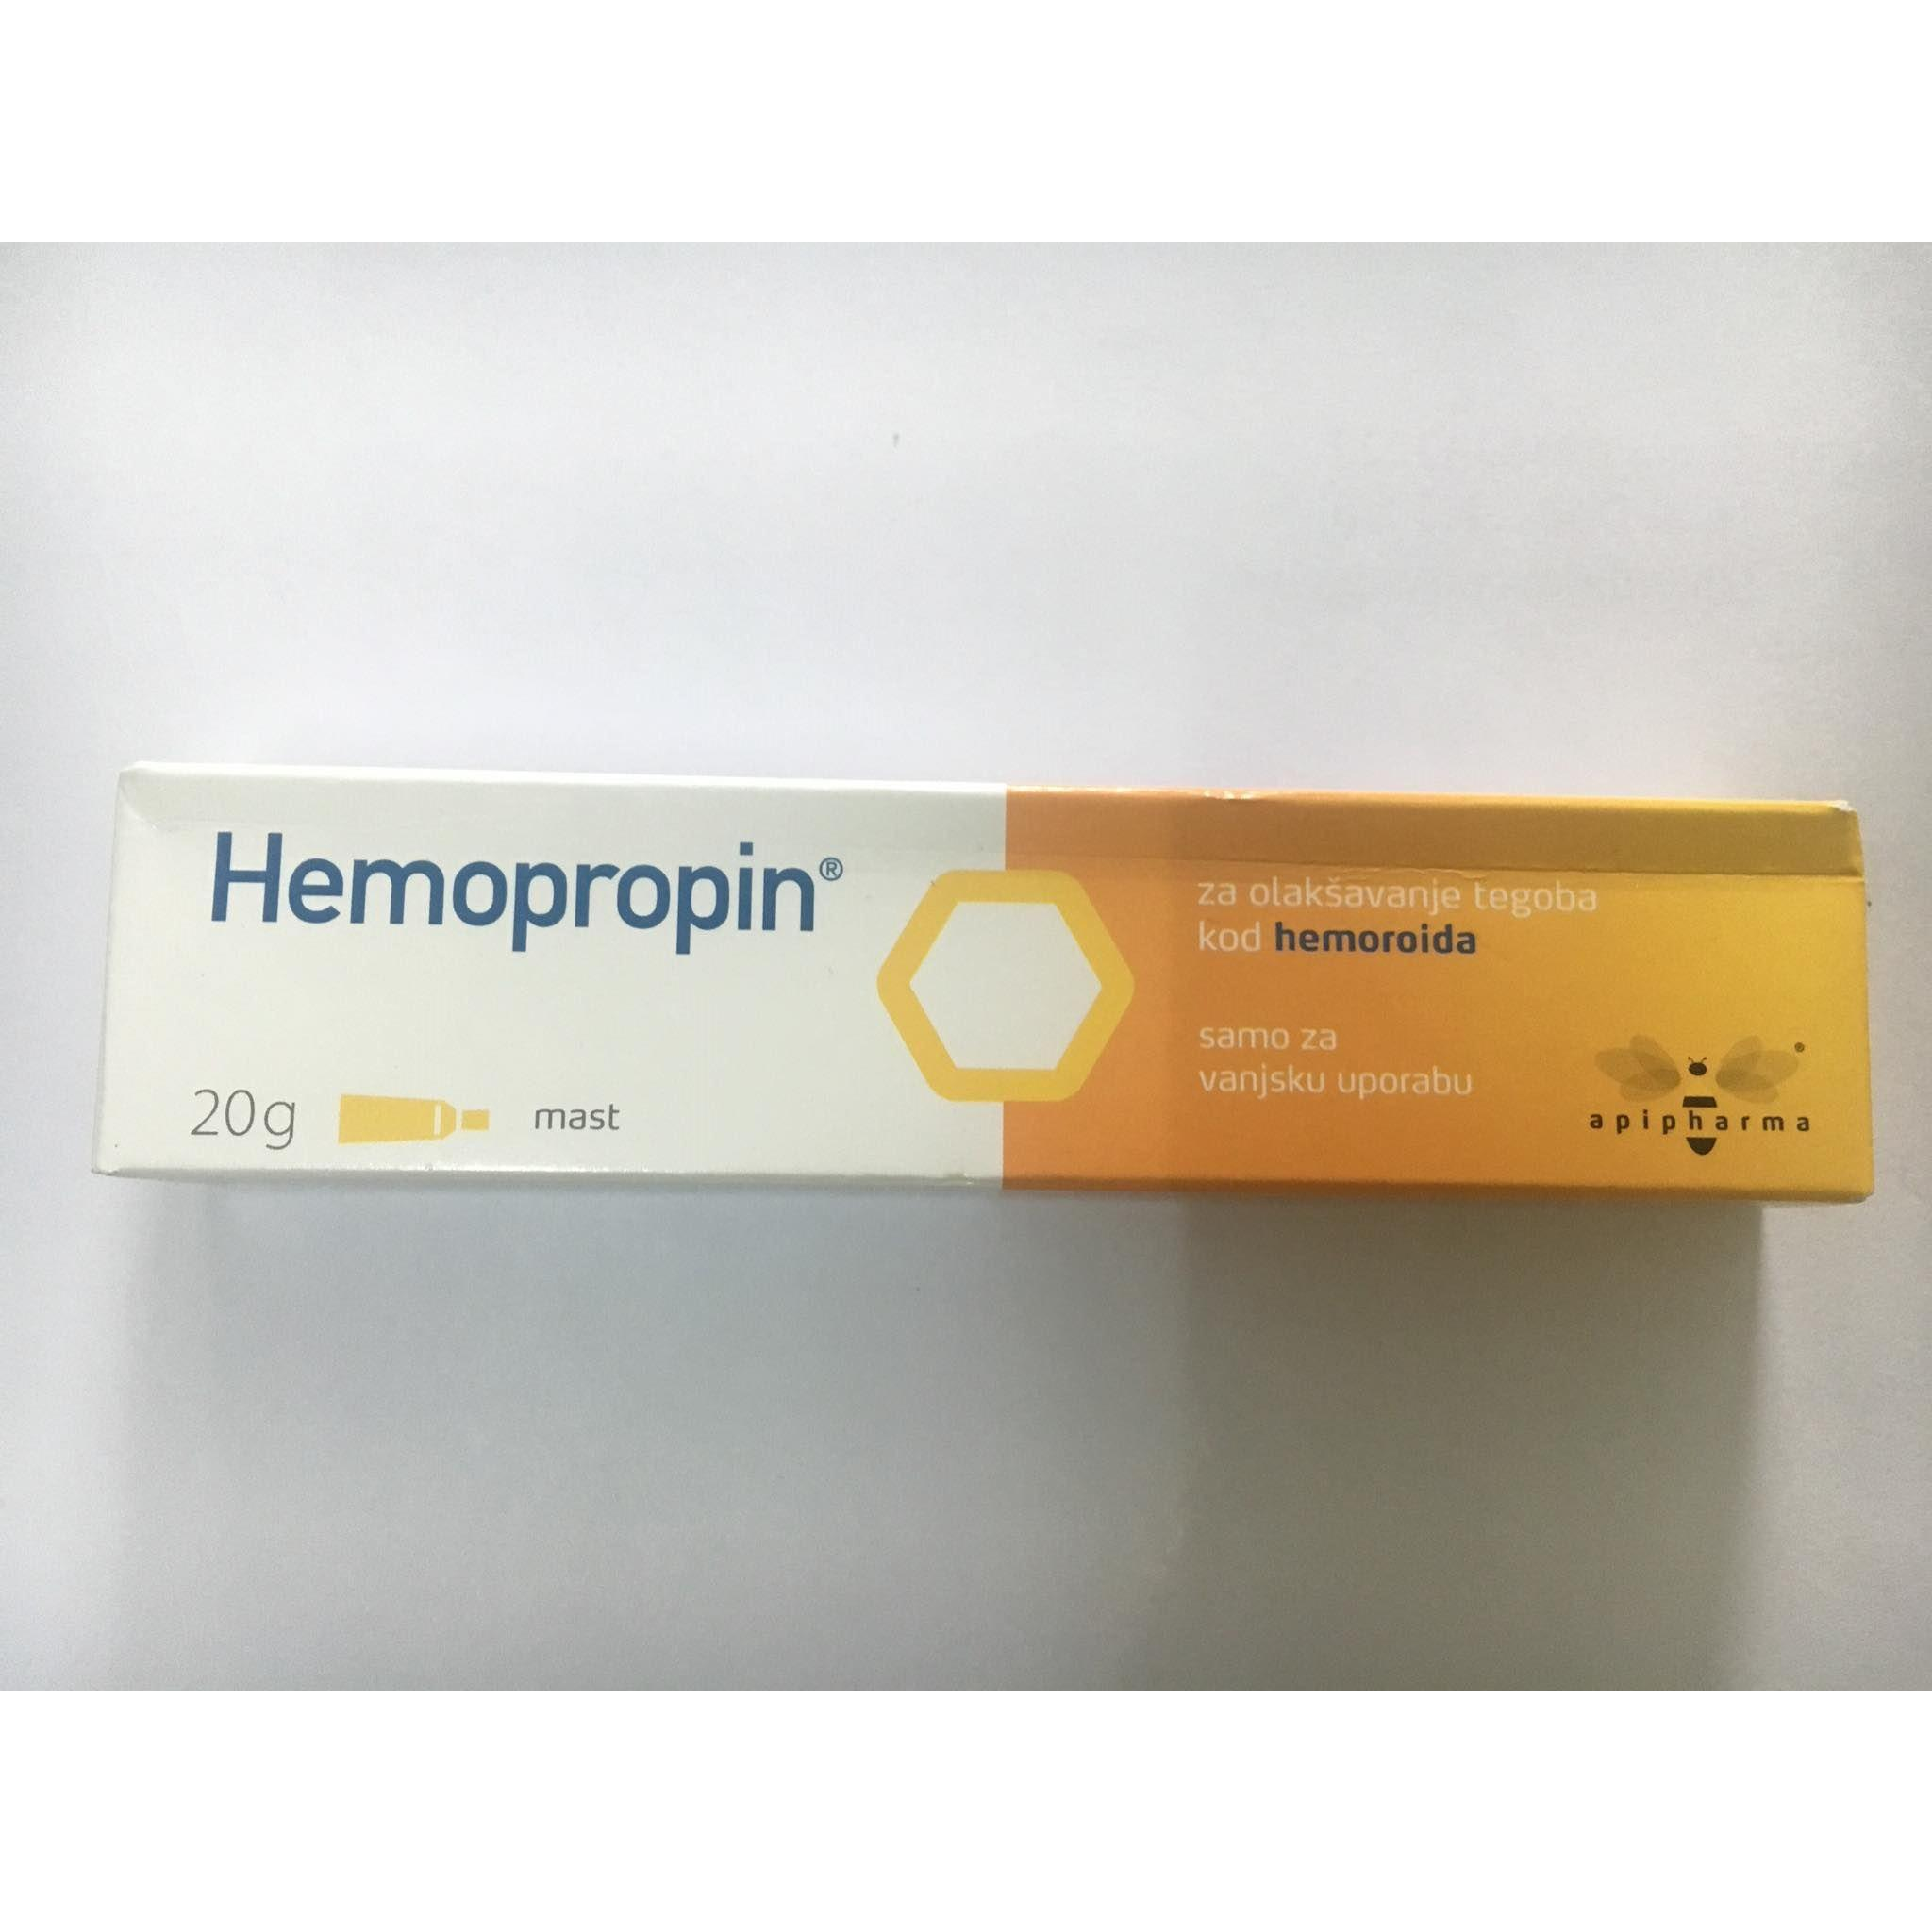 Hemopropin 20g